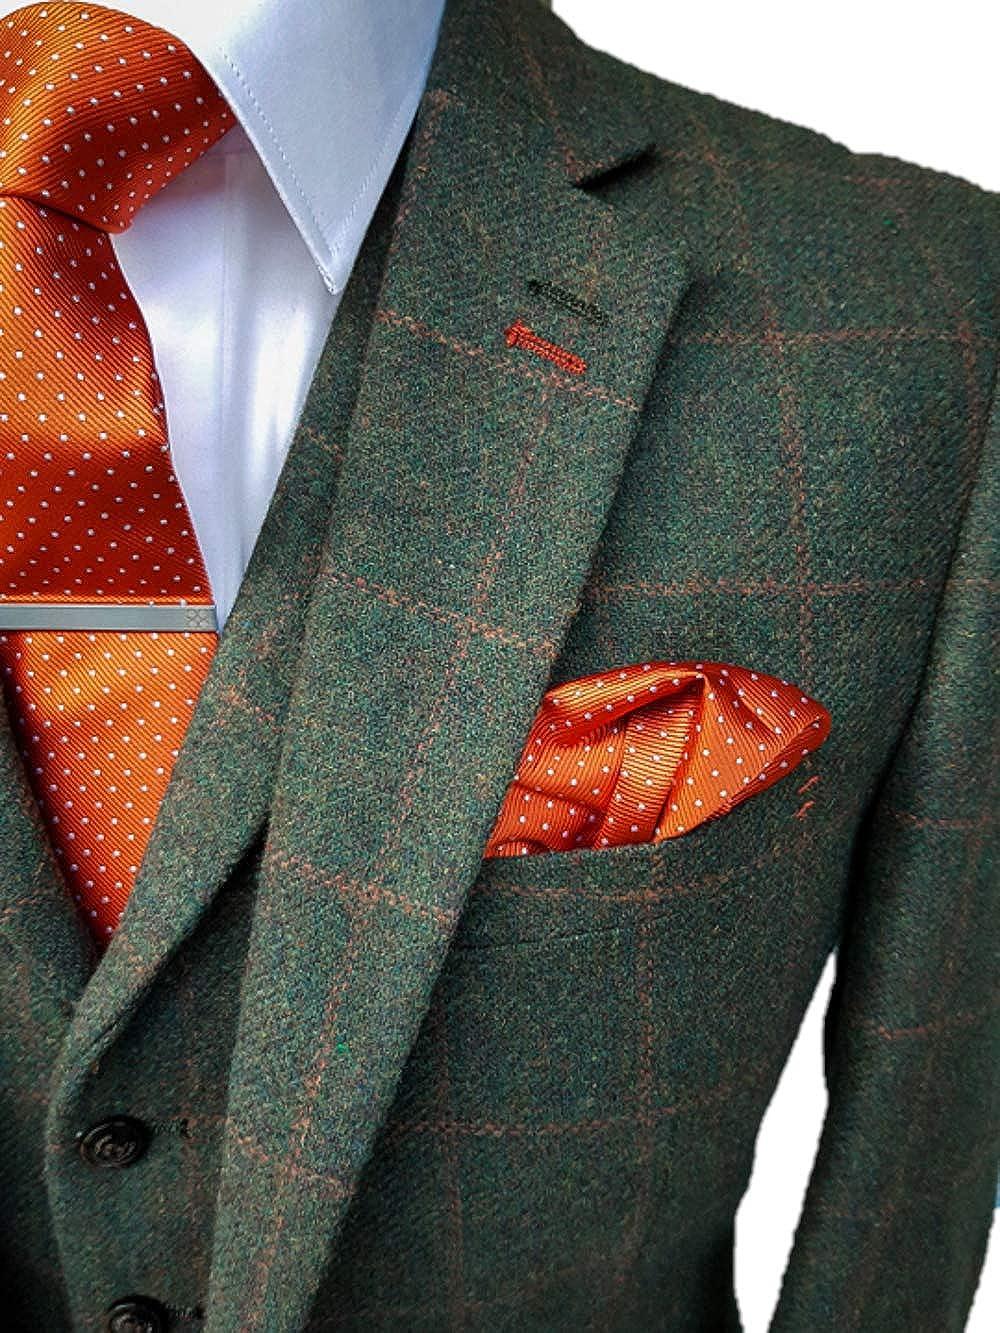 House of Cavani Men's 3 Piece Vintage Tweed Style Check Suit - 1920's Peaky Blinders